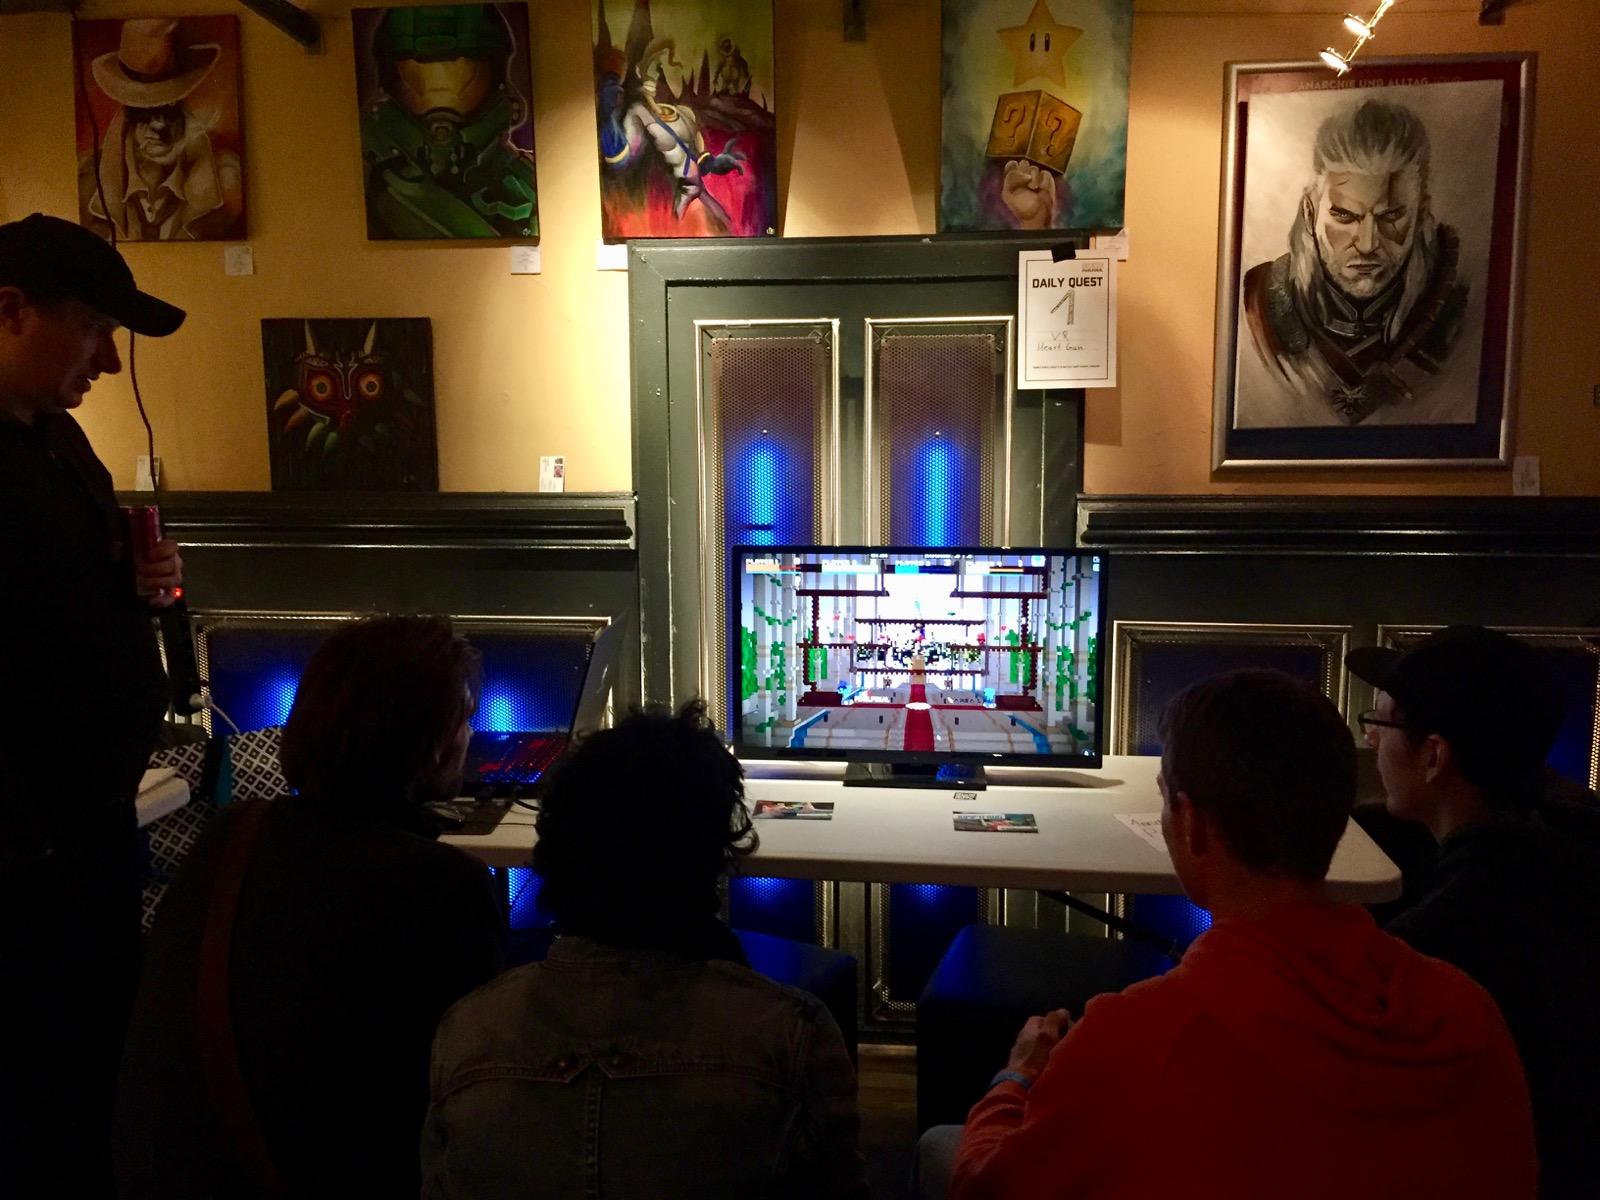 Auch neue Spiele eignen sich perfekt für den Pixelpokal-Wettbewerb. (Bild: Andre Eymann)